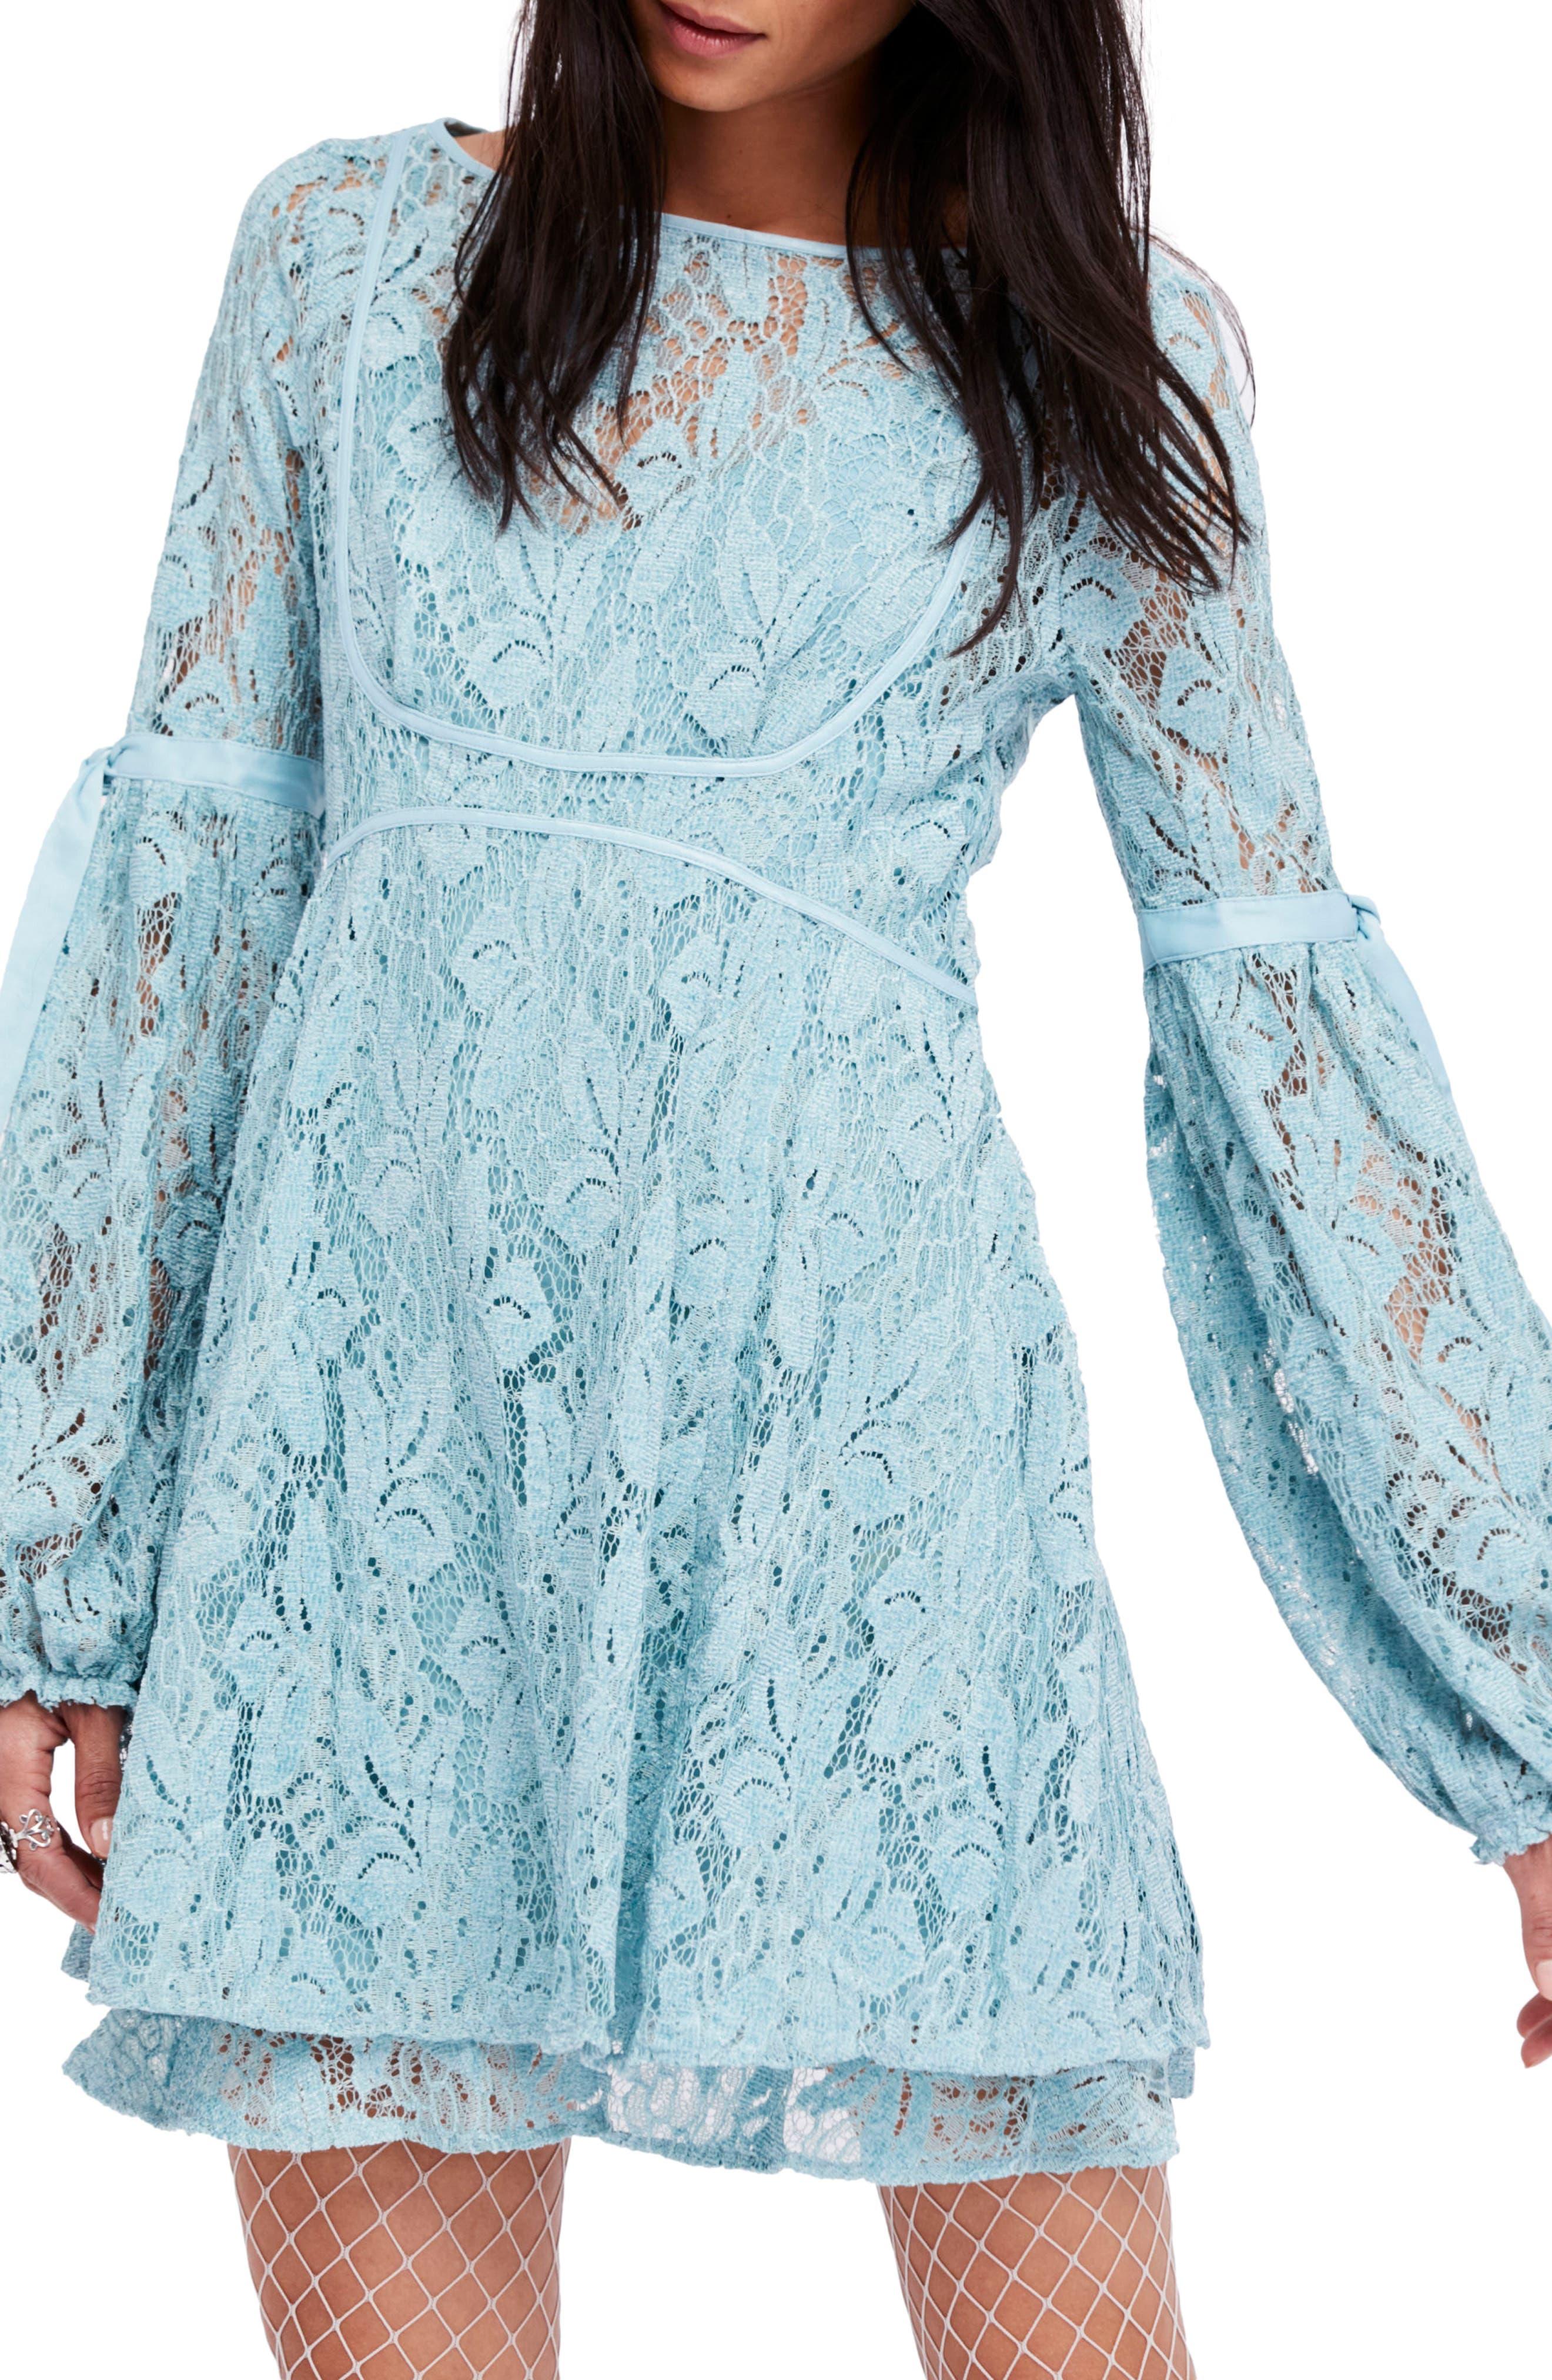 Rubi Lace Mini Dress,                         Main,                         color, Blue